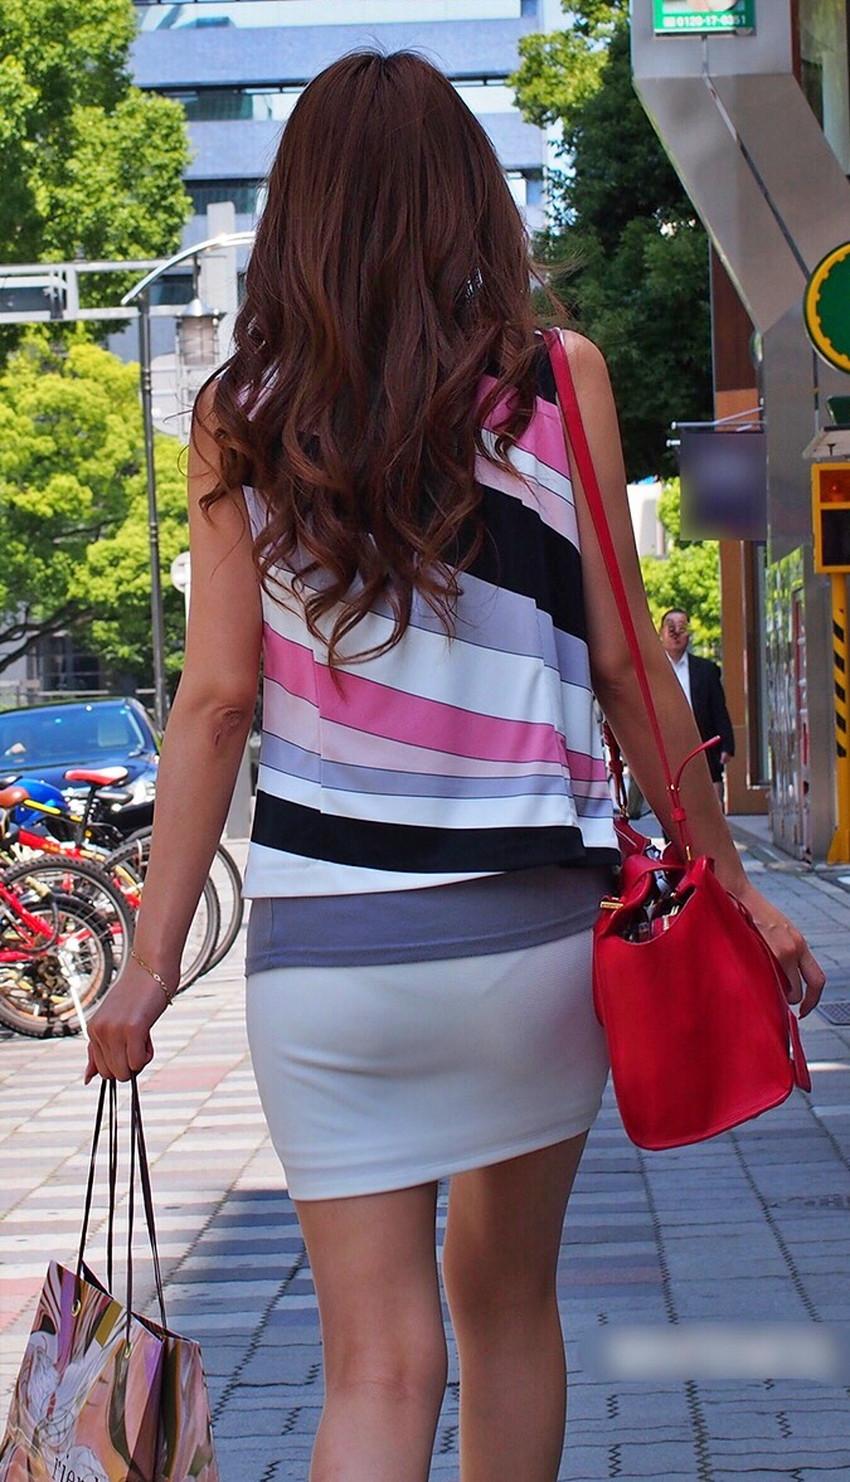 【透けパンツエロ画像】清楚なお嬢さんのスカートやズボンからパンティーが透けて丸見えよりも卑猥に見える透けパンツのエロ画像集!ww【80枚】 46